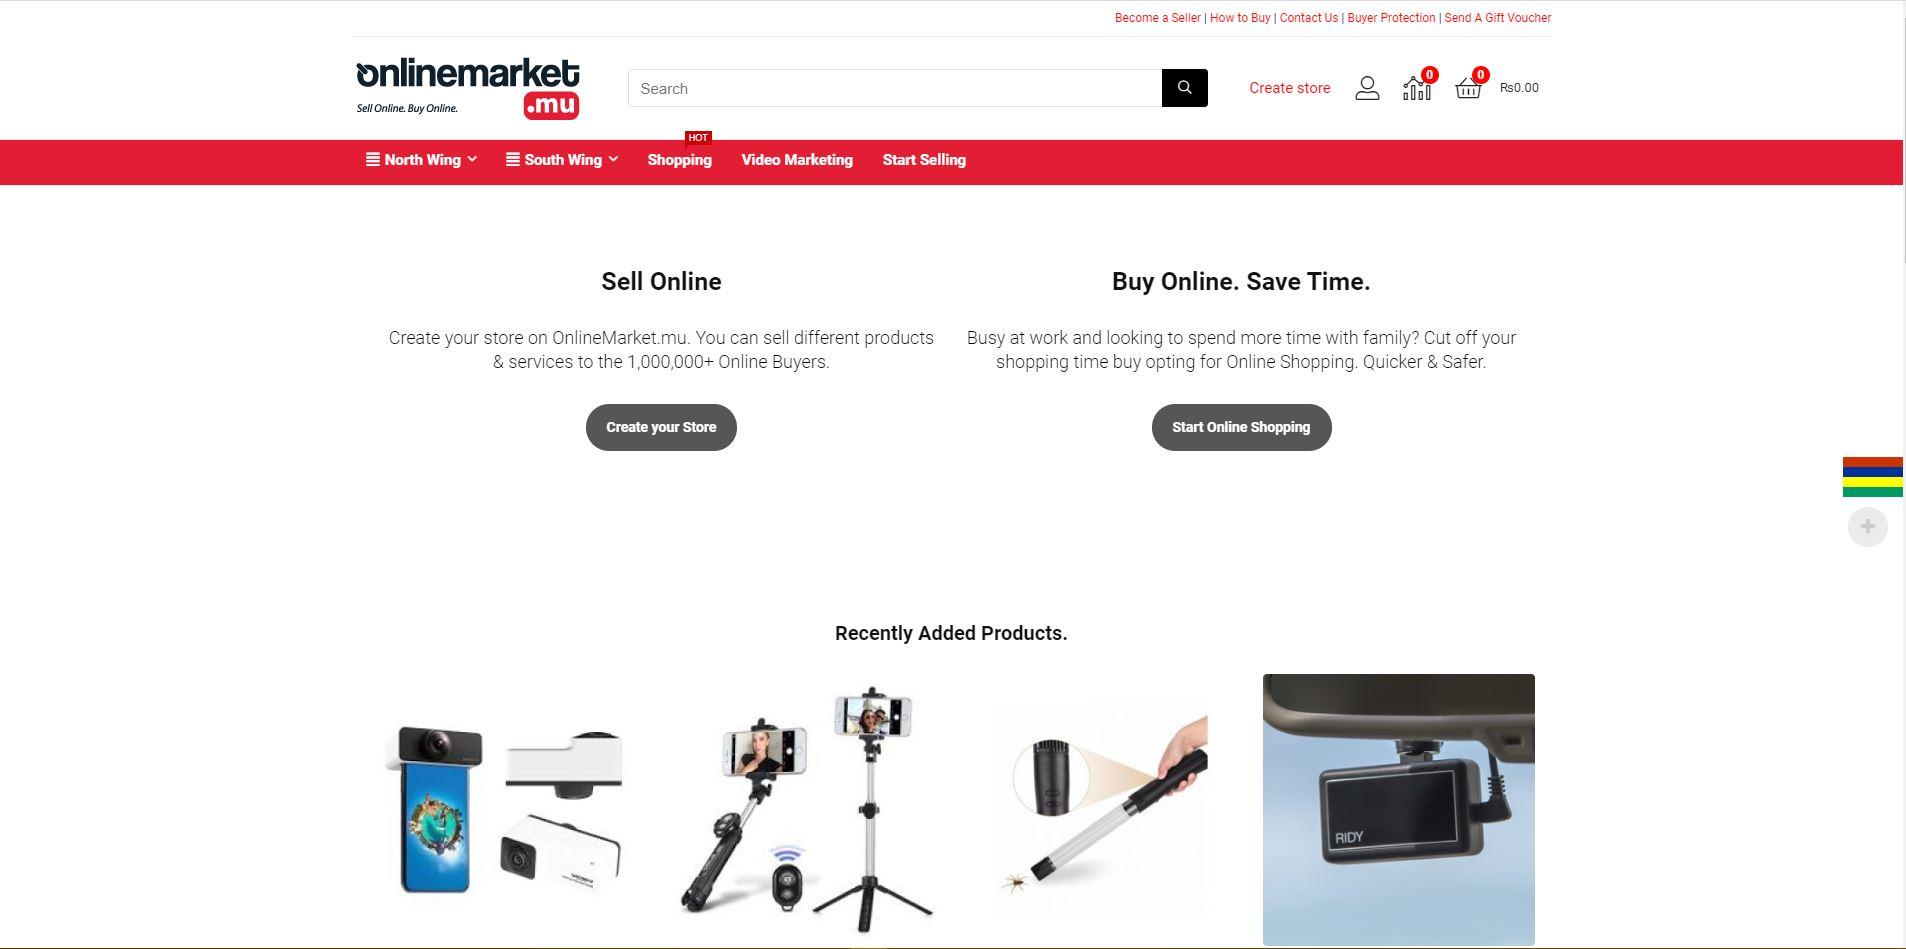 online-market-digital-marketing-mauritius-ecommerce